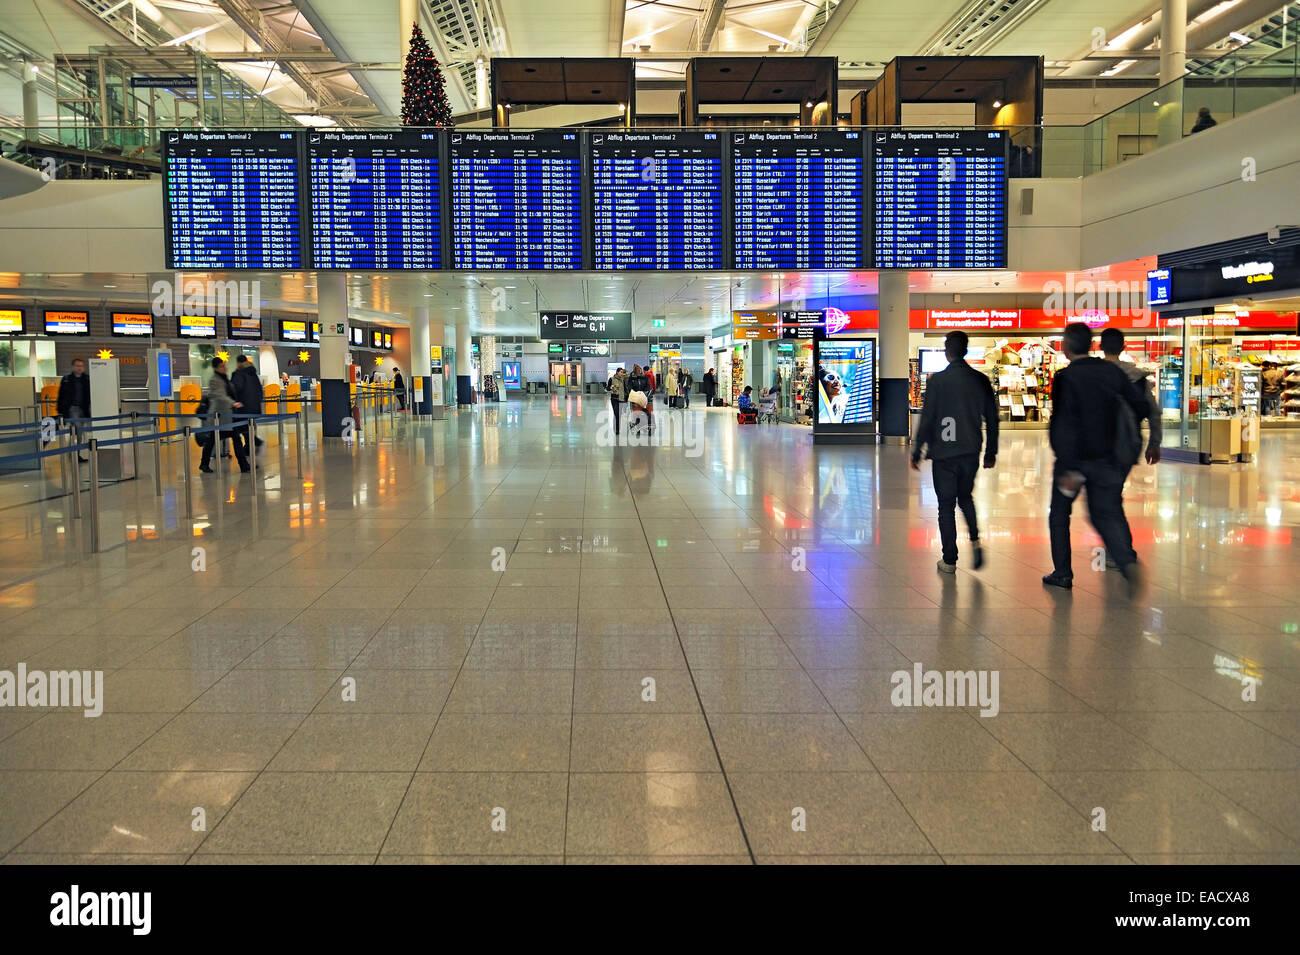 Zone de départ, l'aéroport de Munich, l'aéroport Franz Josef Strauss de Munich, Bavaria, Photo Stock